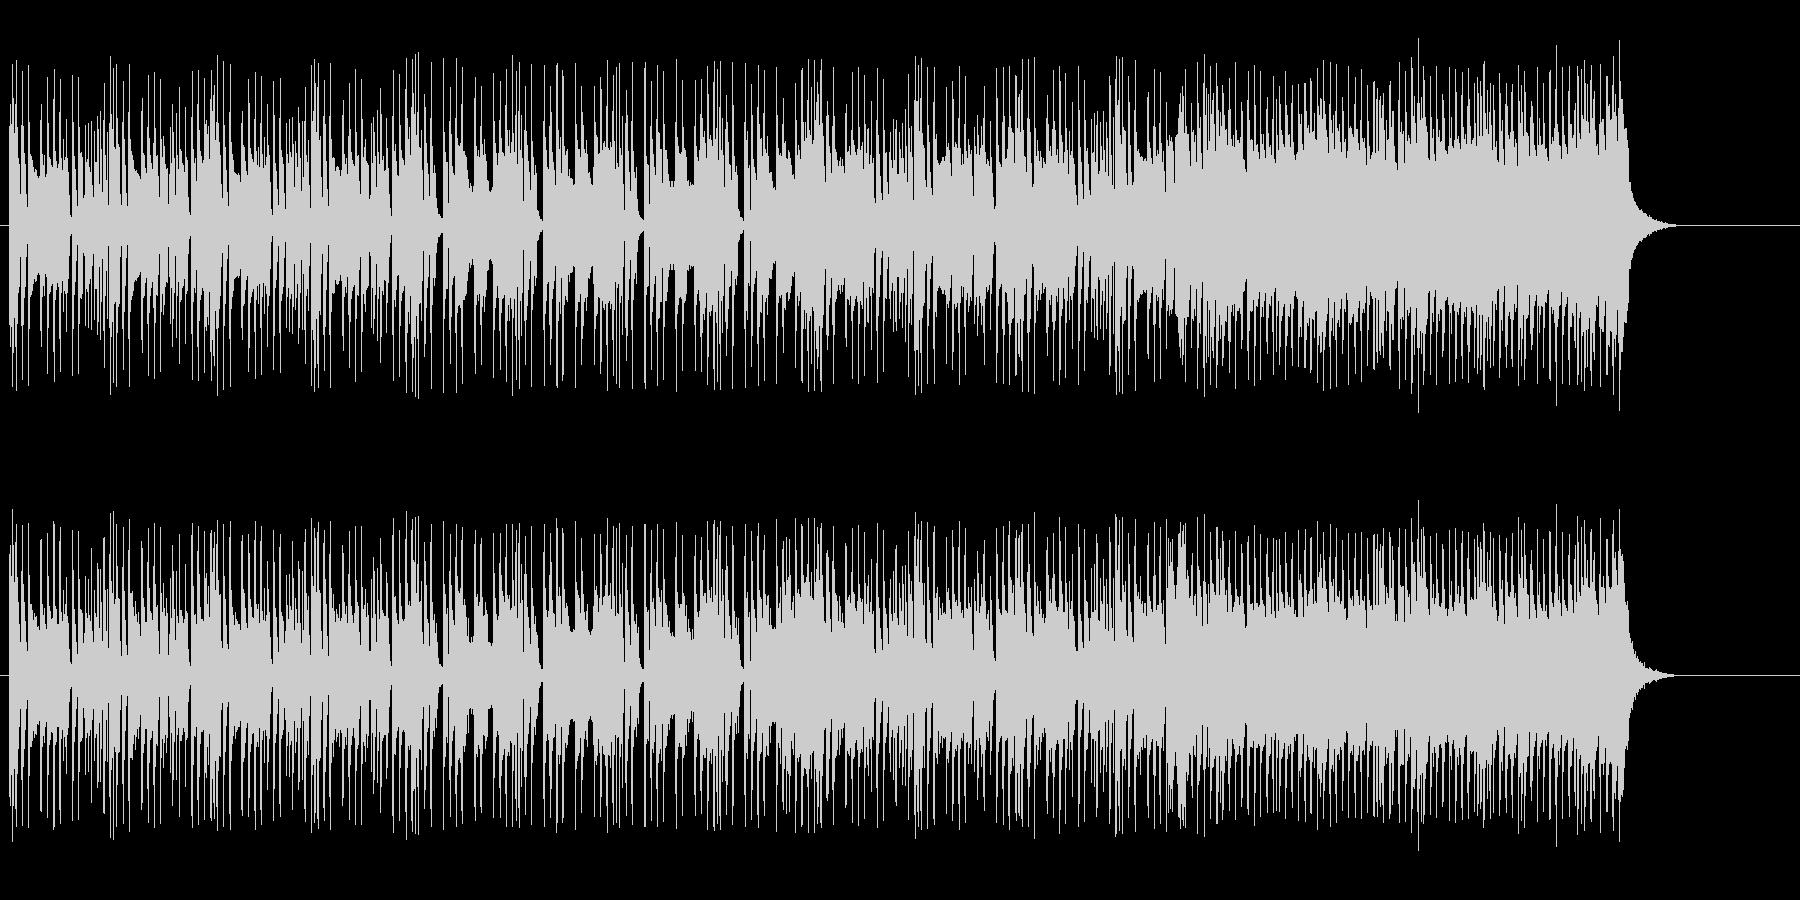 エレクトリックでスマートなポップ/ロックの未再生の波形